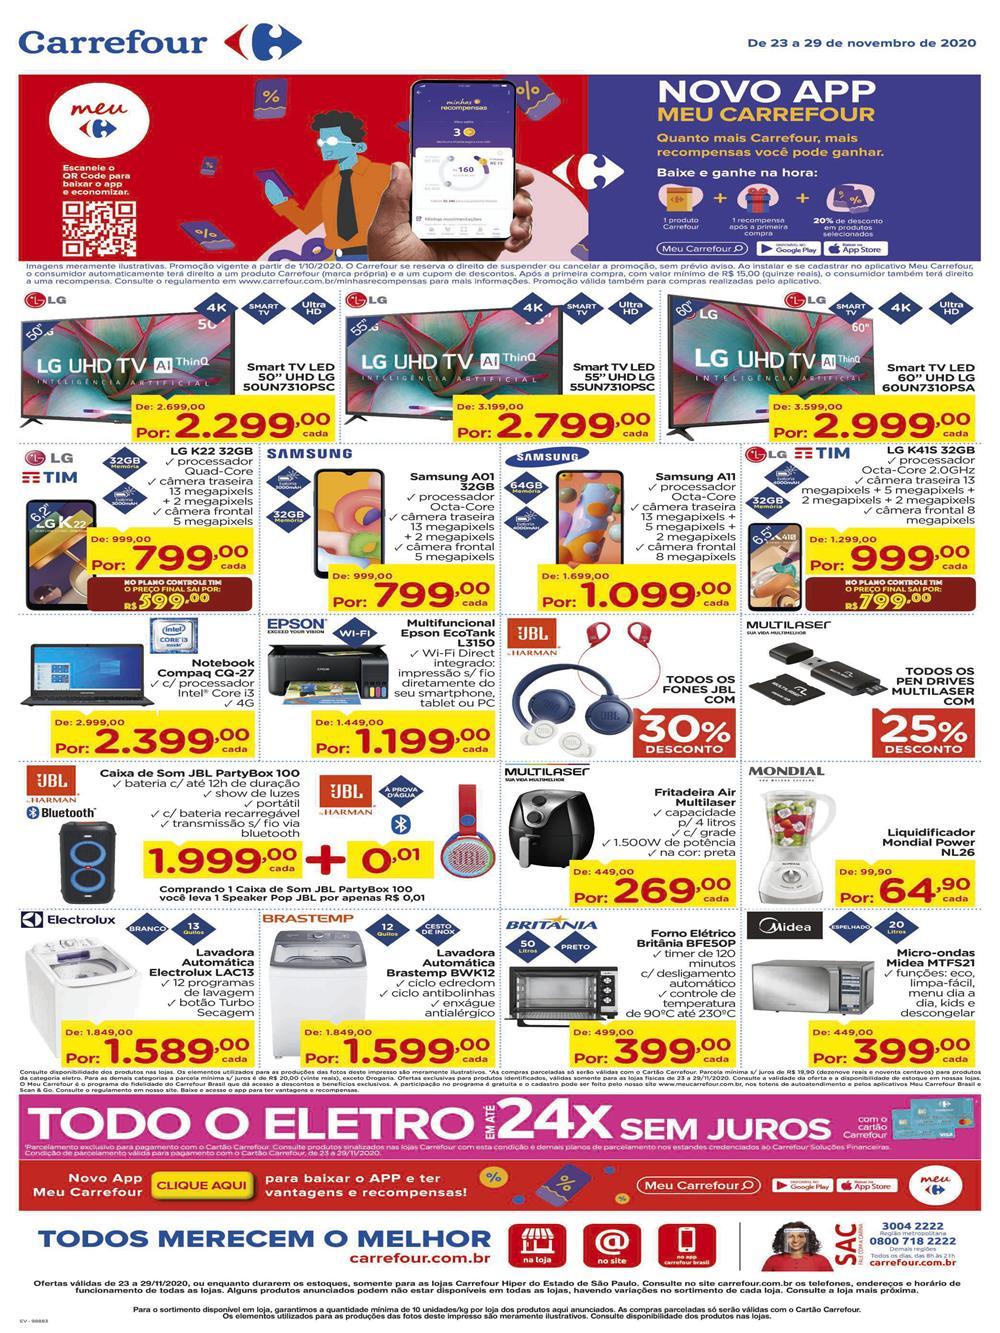 carrefour-ofertas-descontos-hoje1 Black Friday Carrefour até 29/11